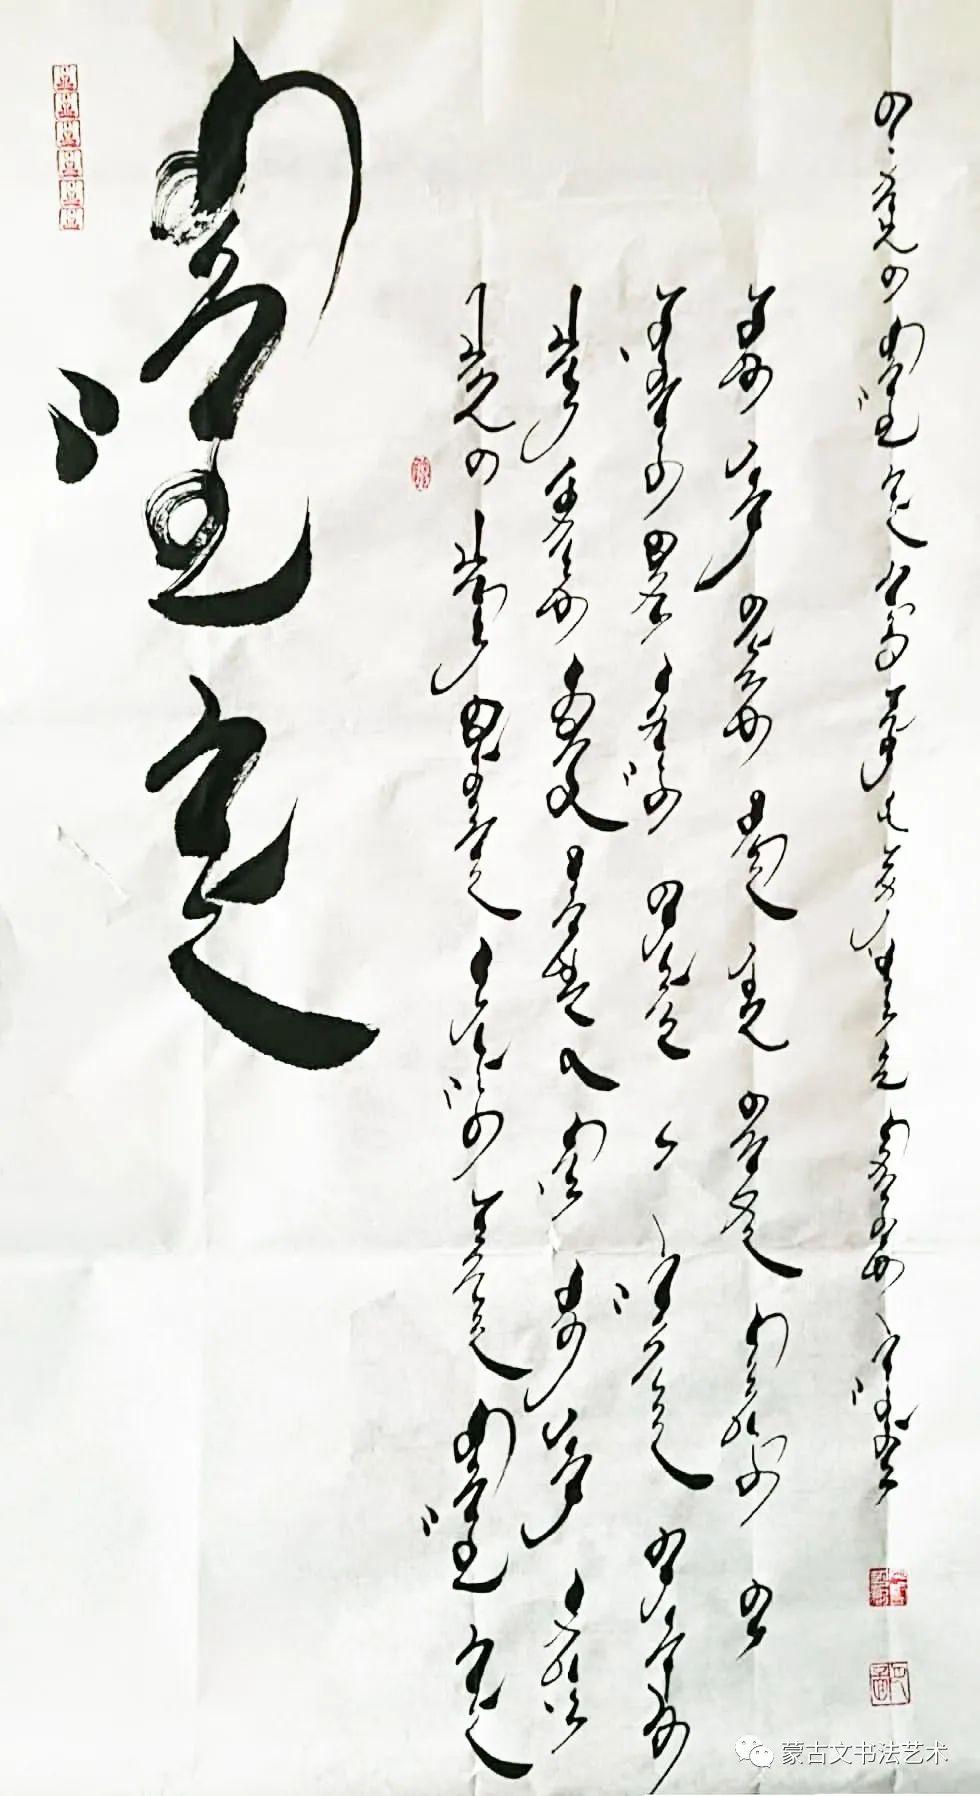 书法家莫日根巴图 第11张 书法家莫日根巴图 蒙古书法